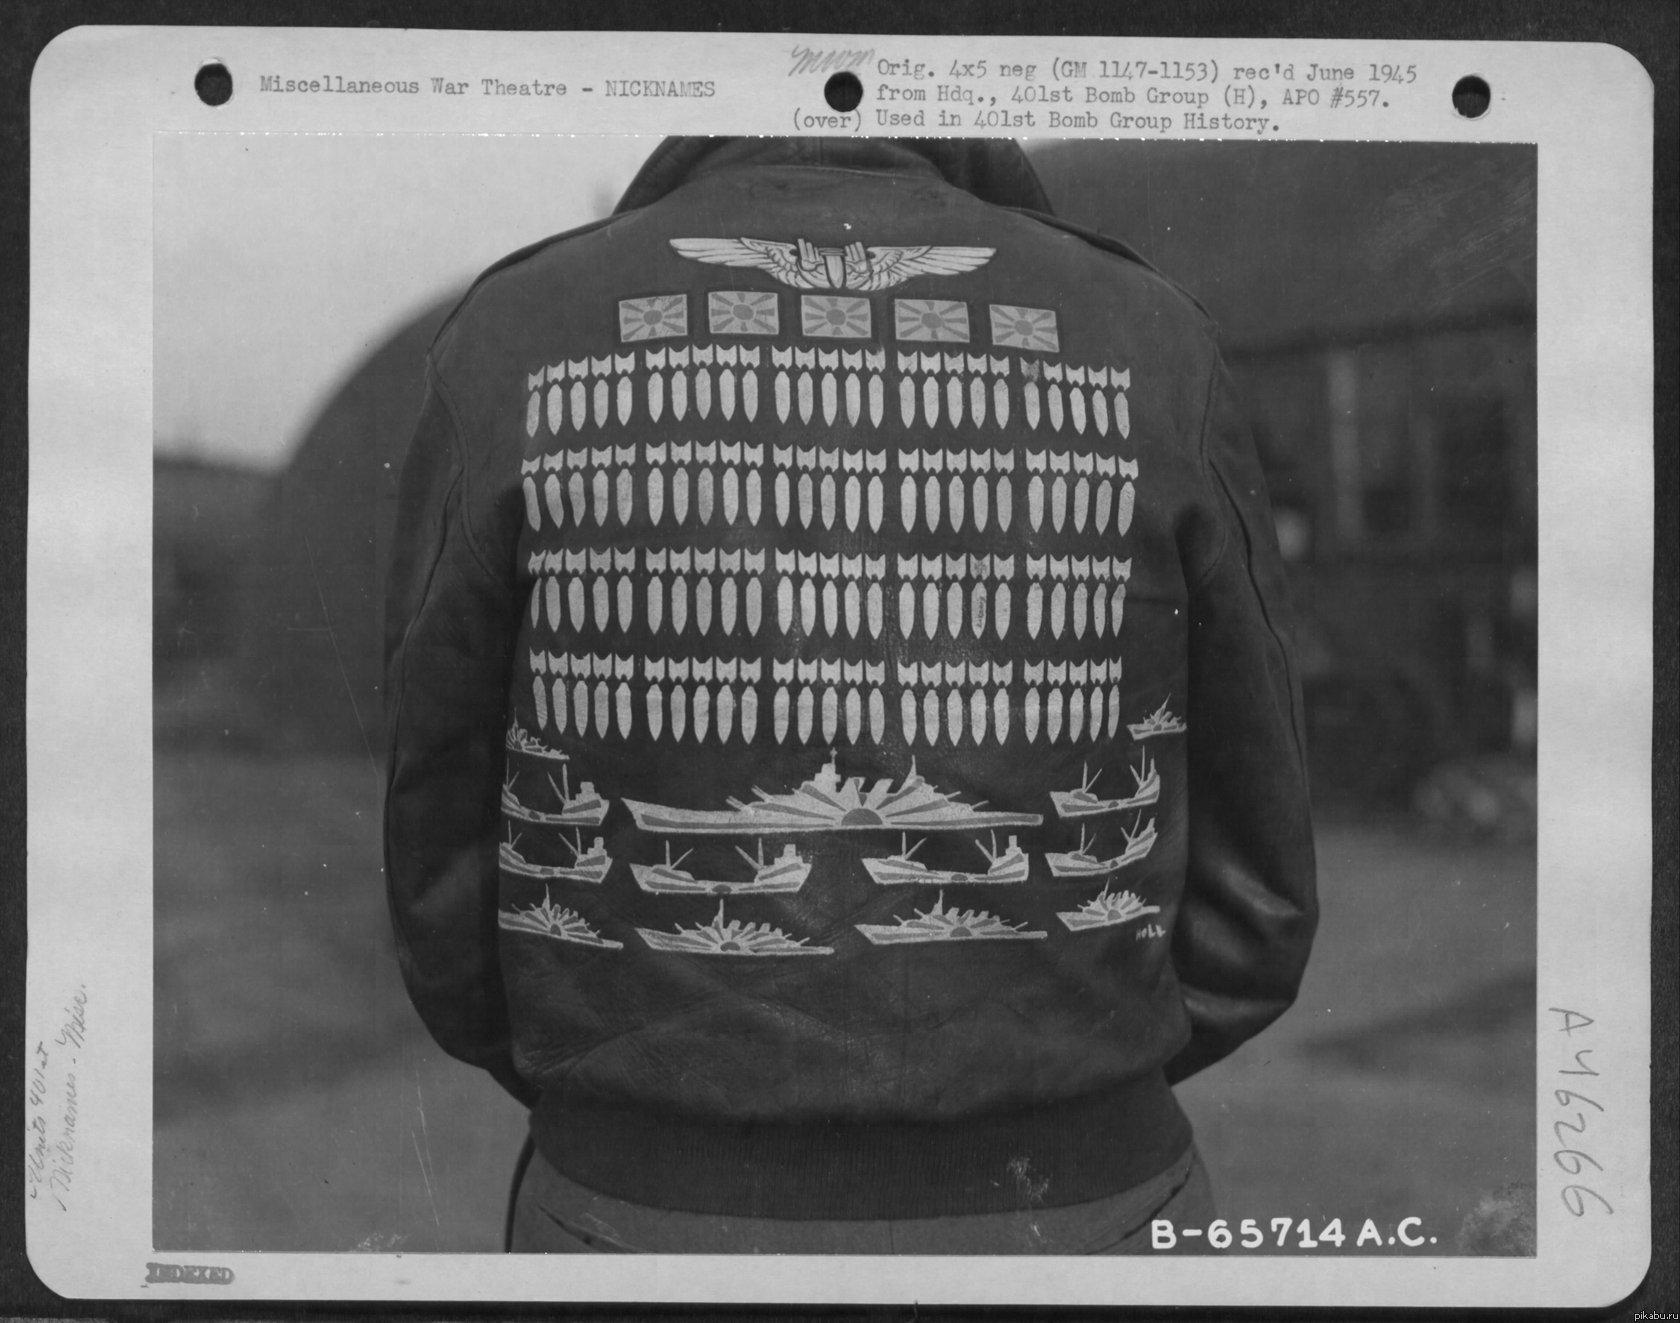 Бомберы На фото - одна из курток американского лётчика времён Второй мировой. по ссылке - вся коллекция http://www.flickr.com/photos/18532986@N07/sets/72157626140462192